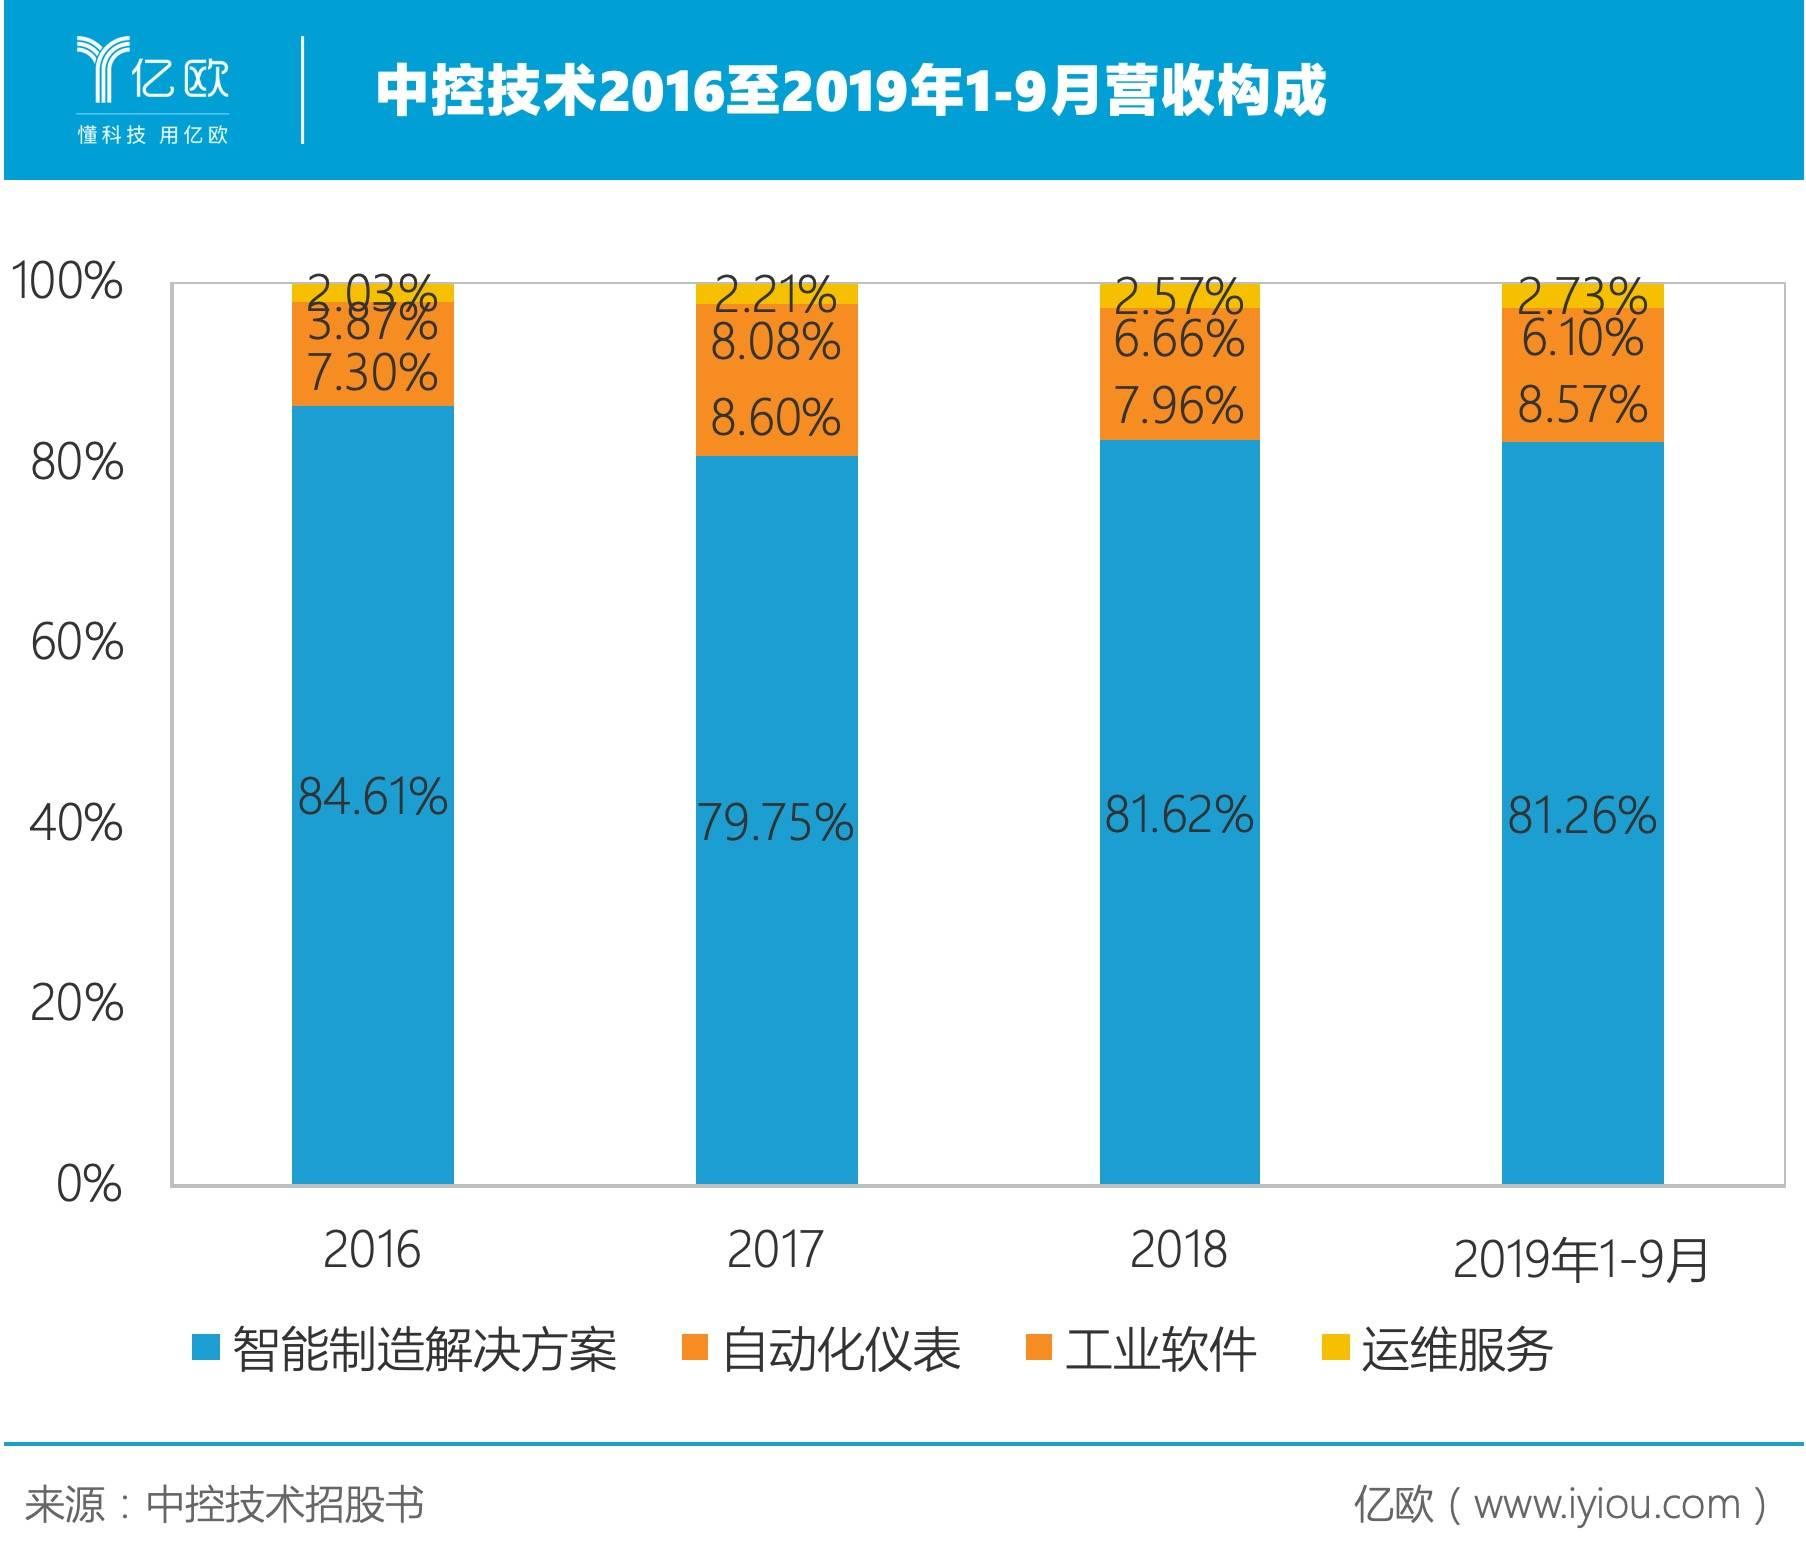 中控技术2016至2019年1-9月营收构成.jpeg